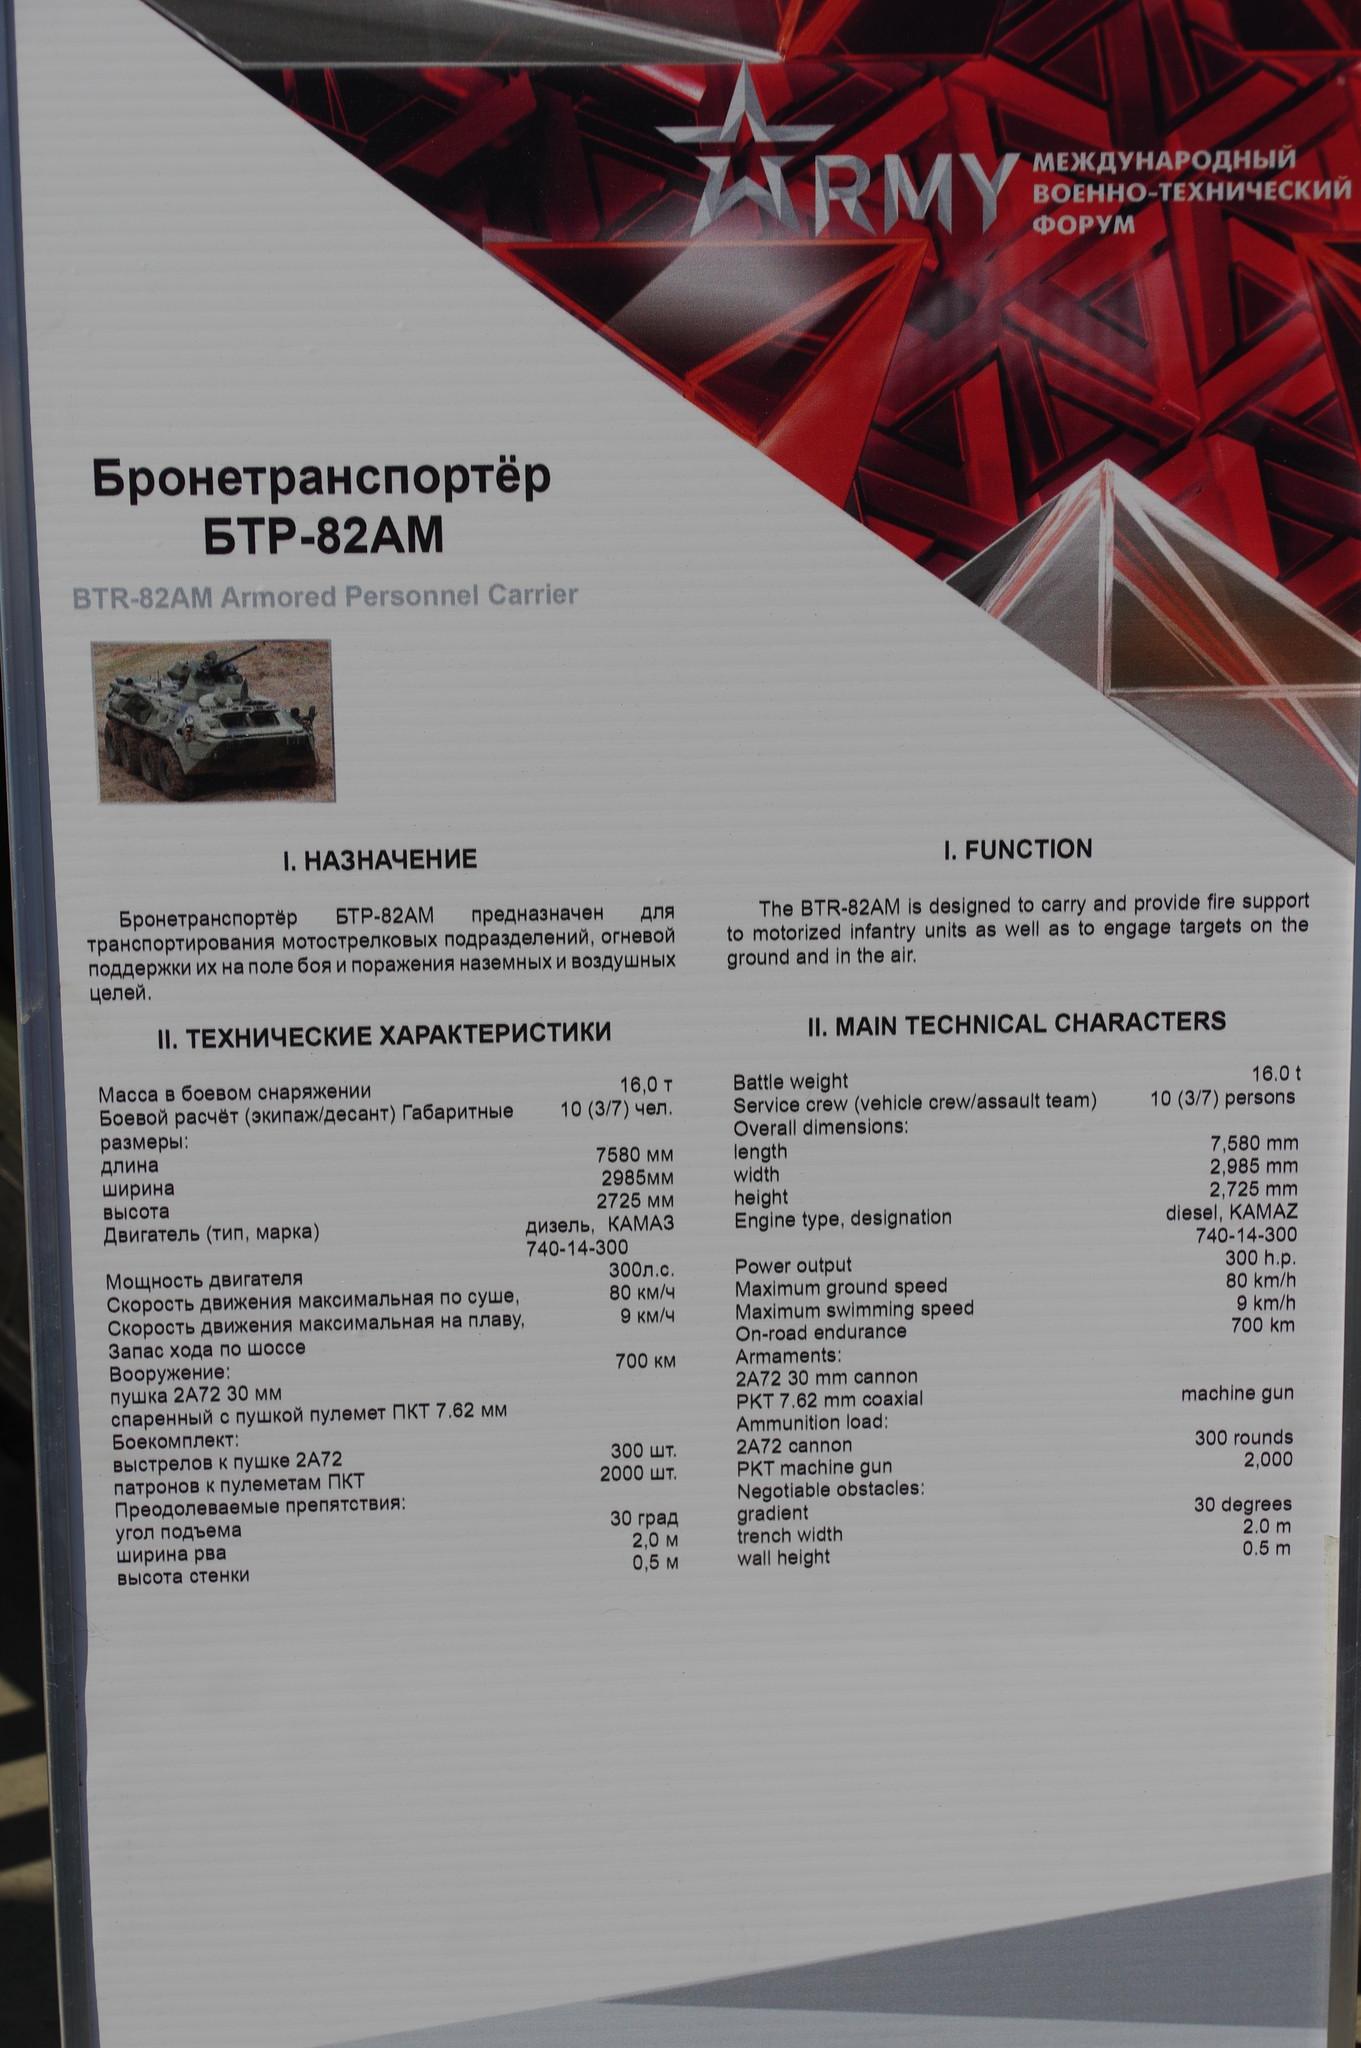 Бронетранспортёр БТР-82АМ